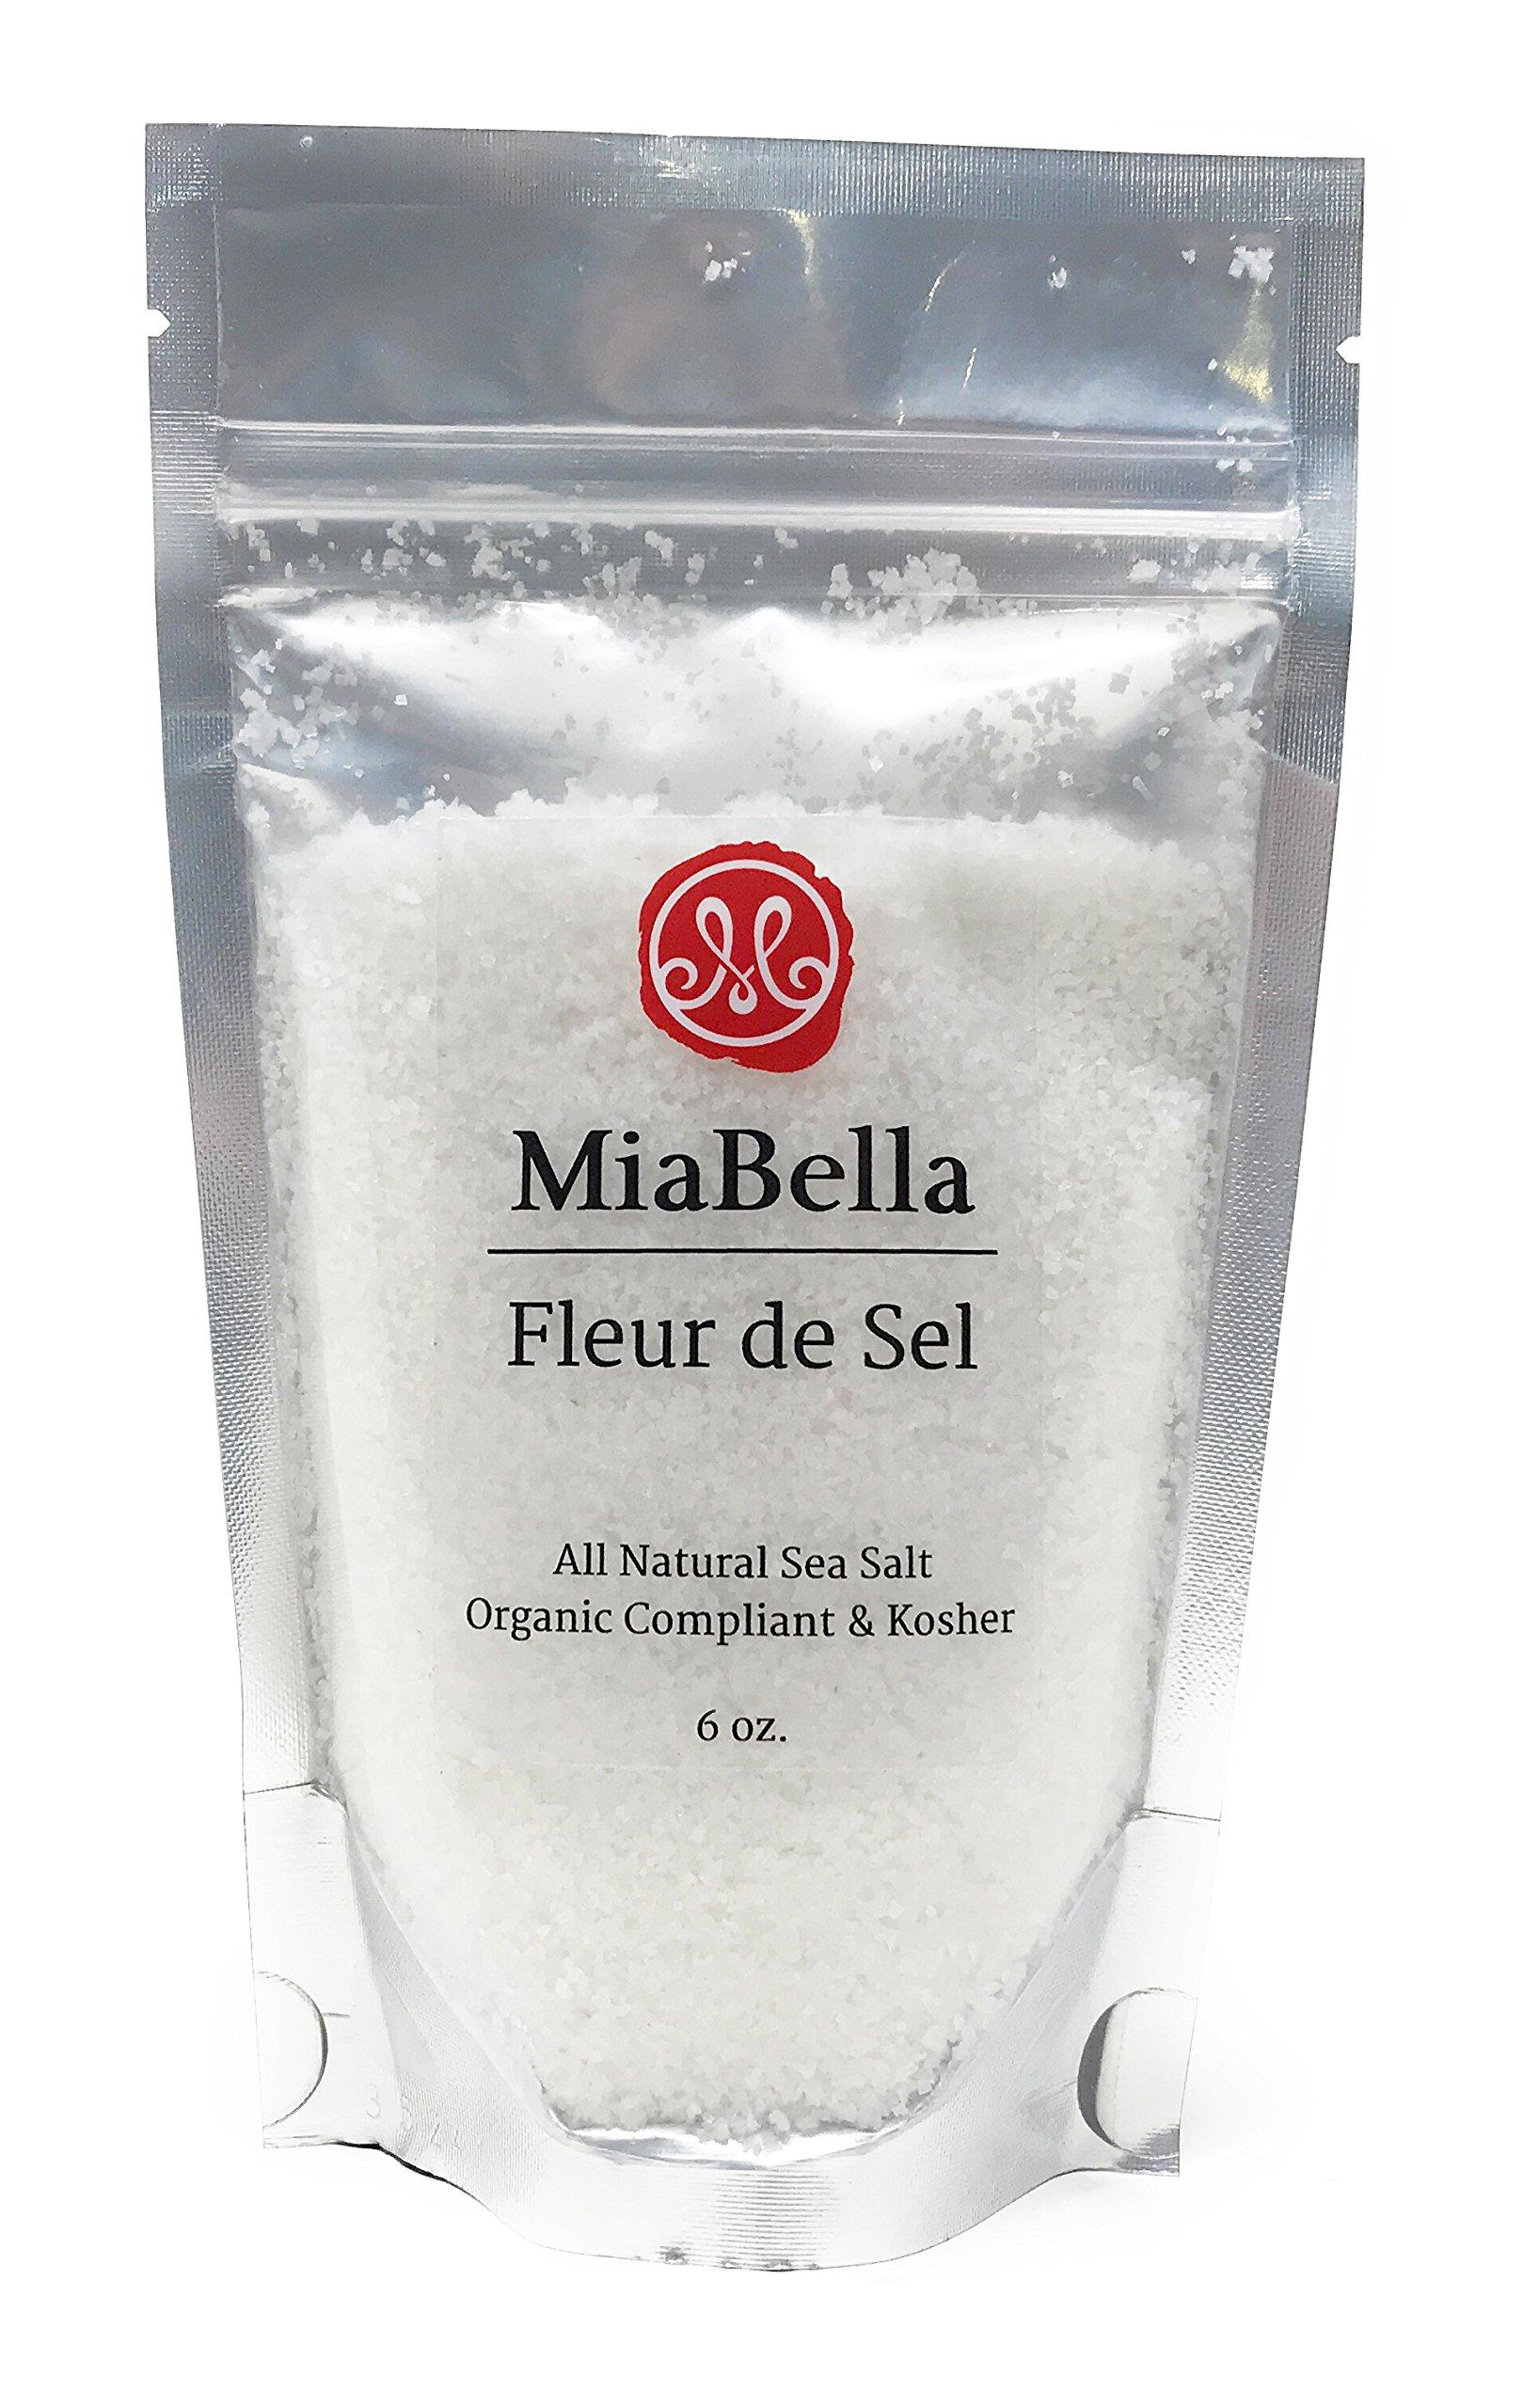 MiaBella Fleur de Sel Sea Salt - 6 oz